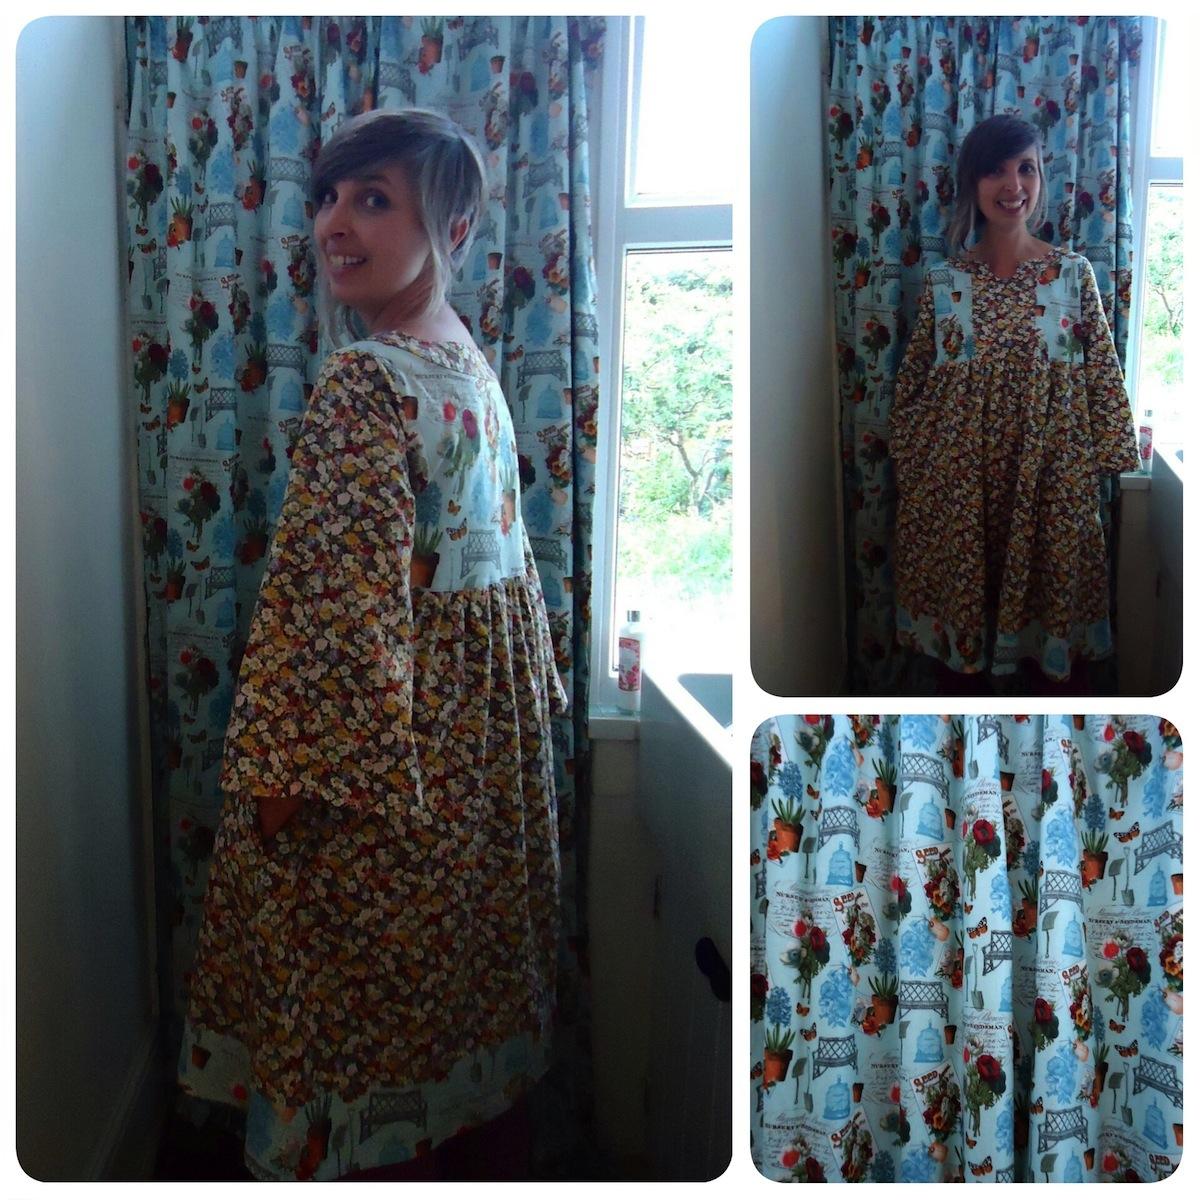 Harriet's kitchen curtains